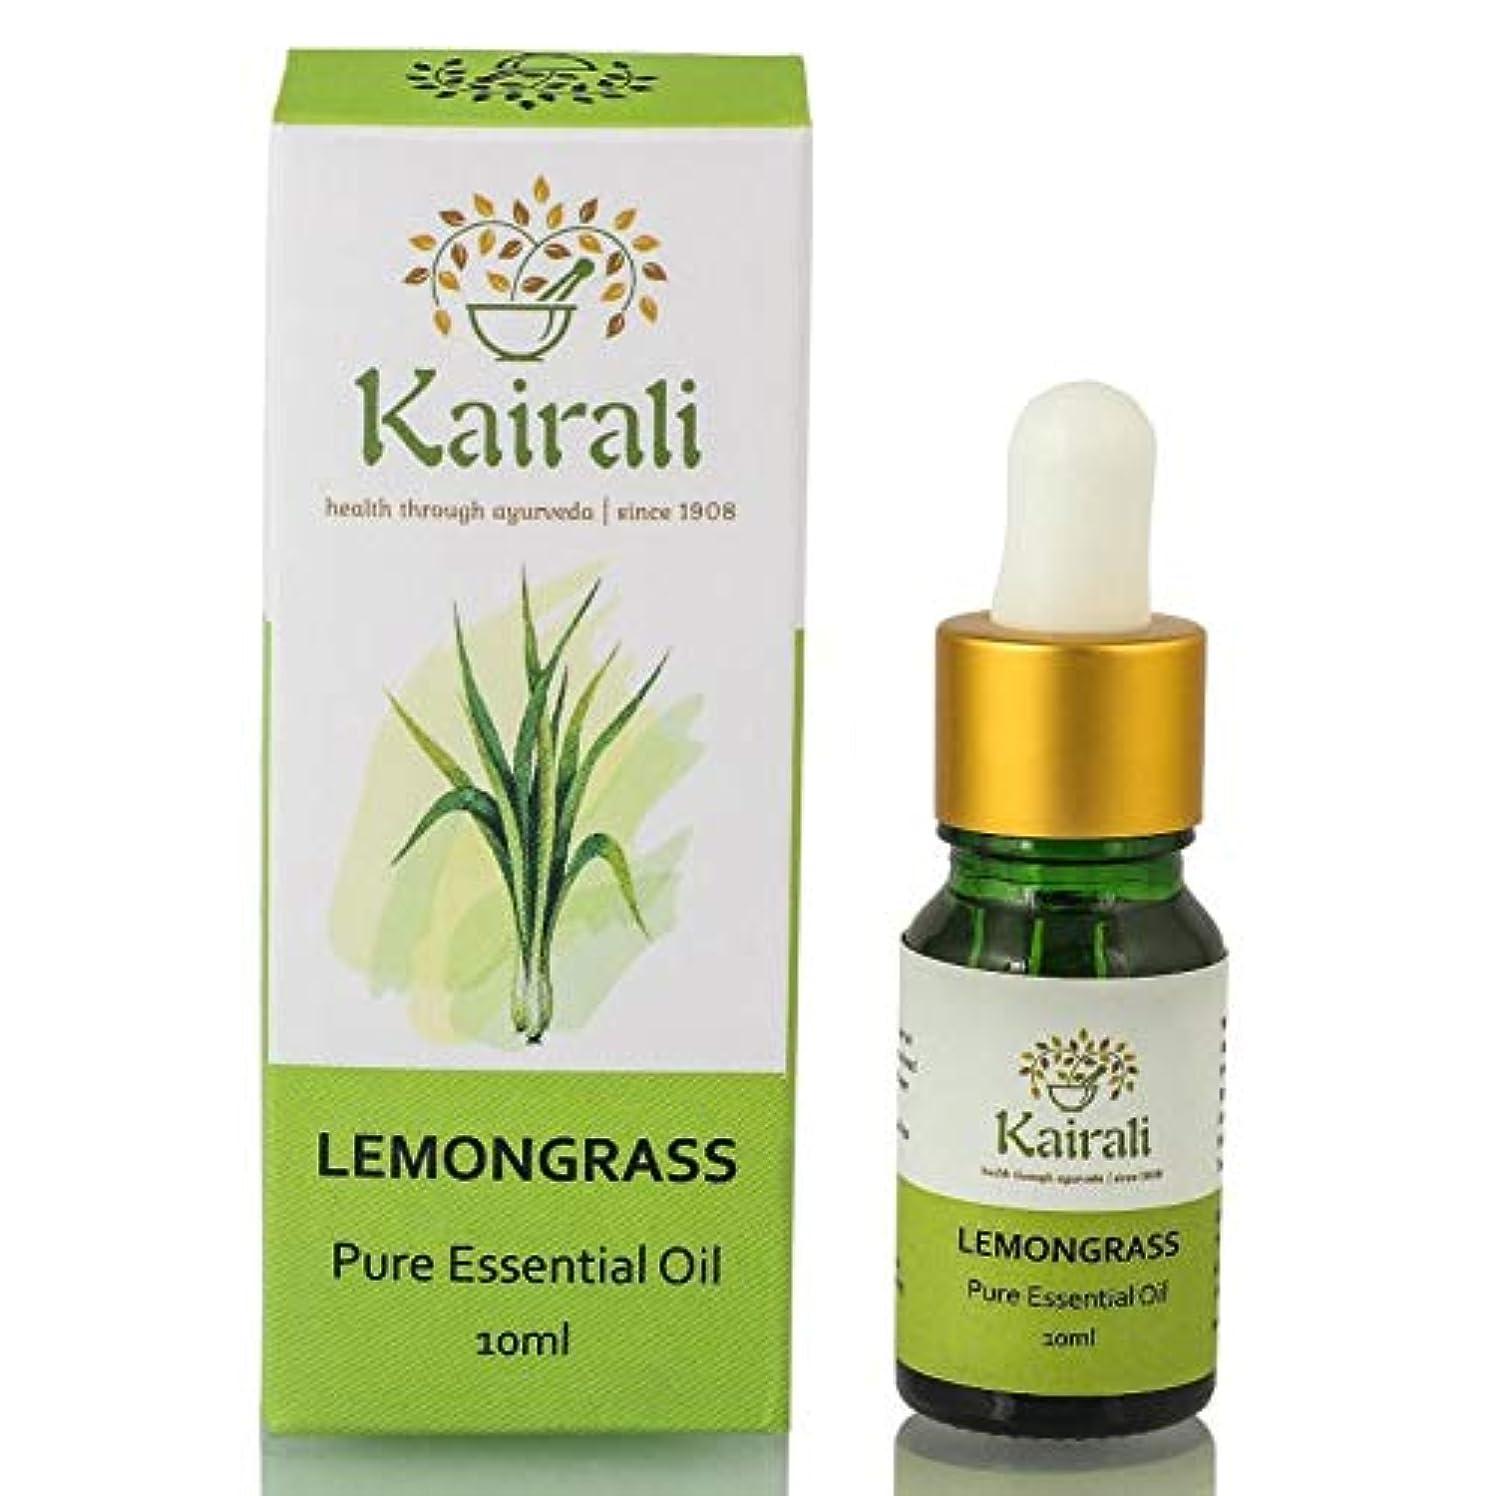 成功流出リフレッシュカイラリ エッセンシャルオイル レモングラス 10ml(天然100%精油)Kairali アロマオイル